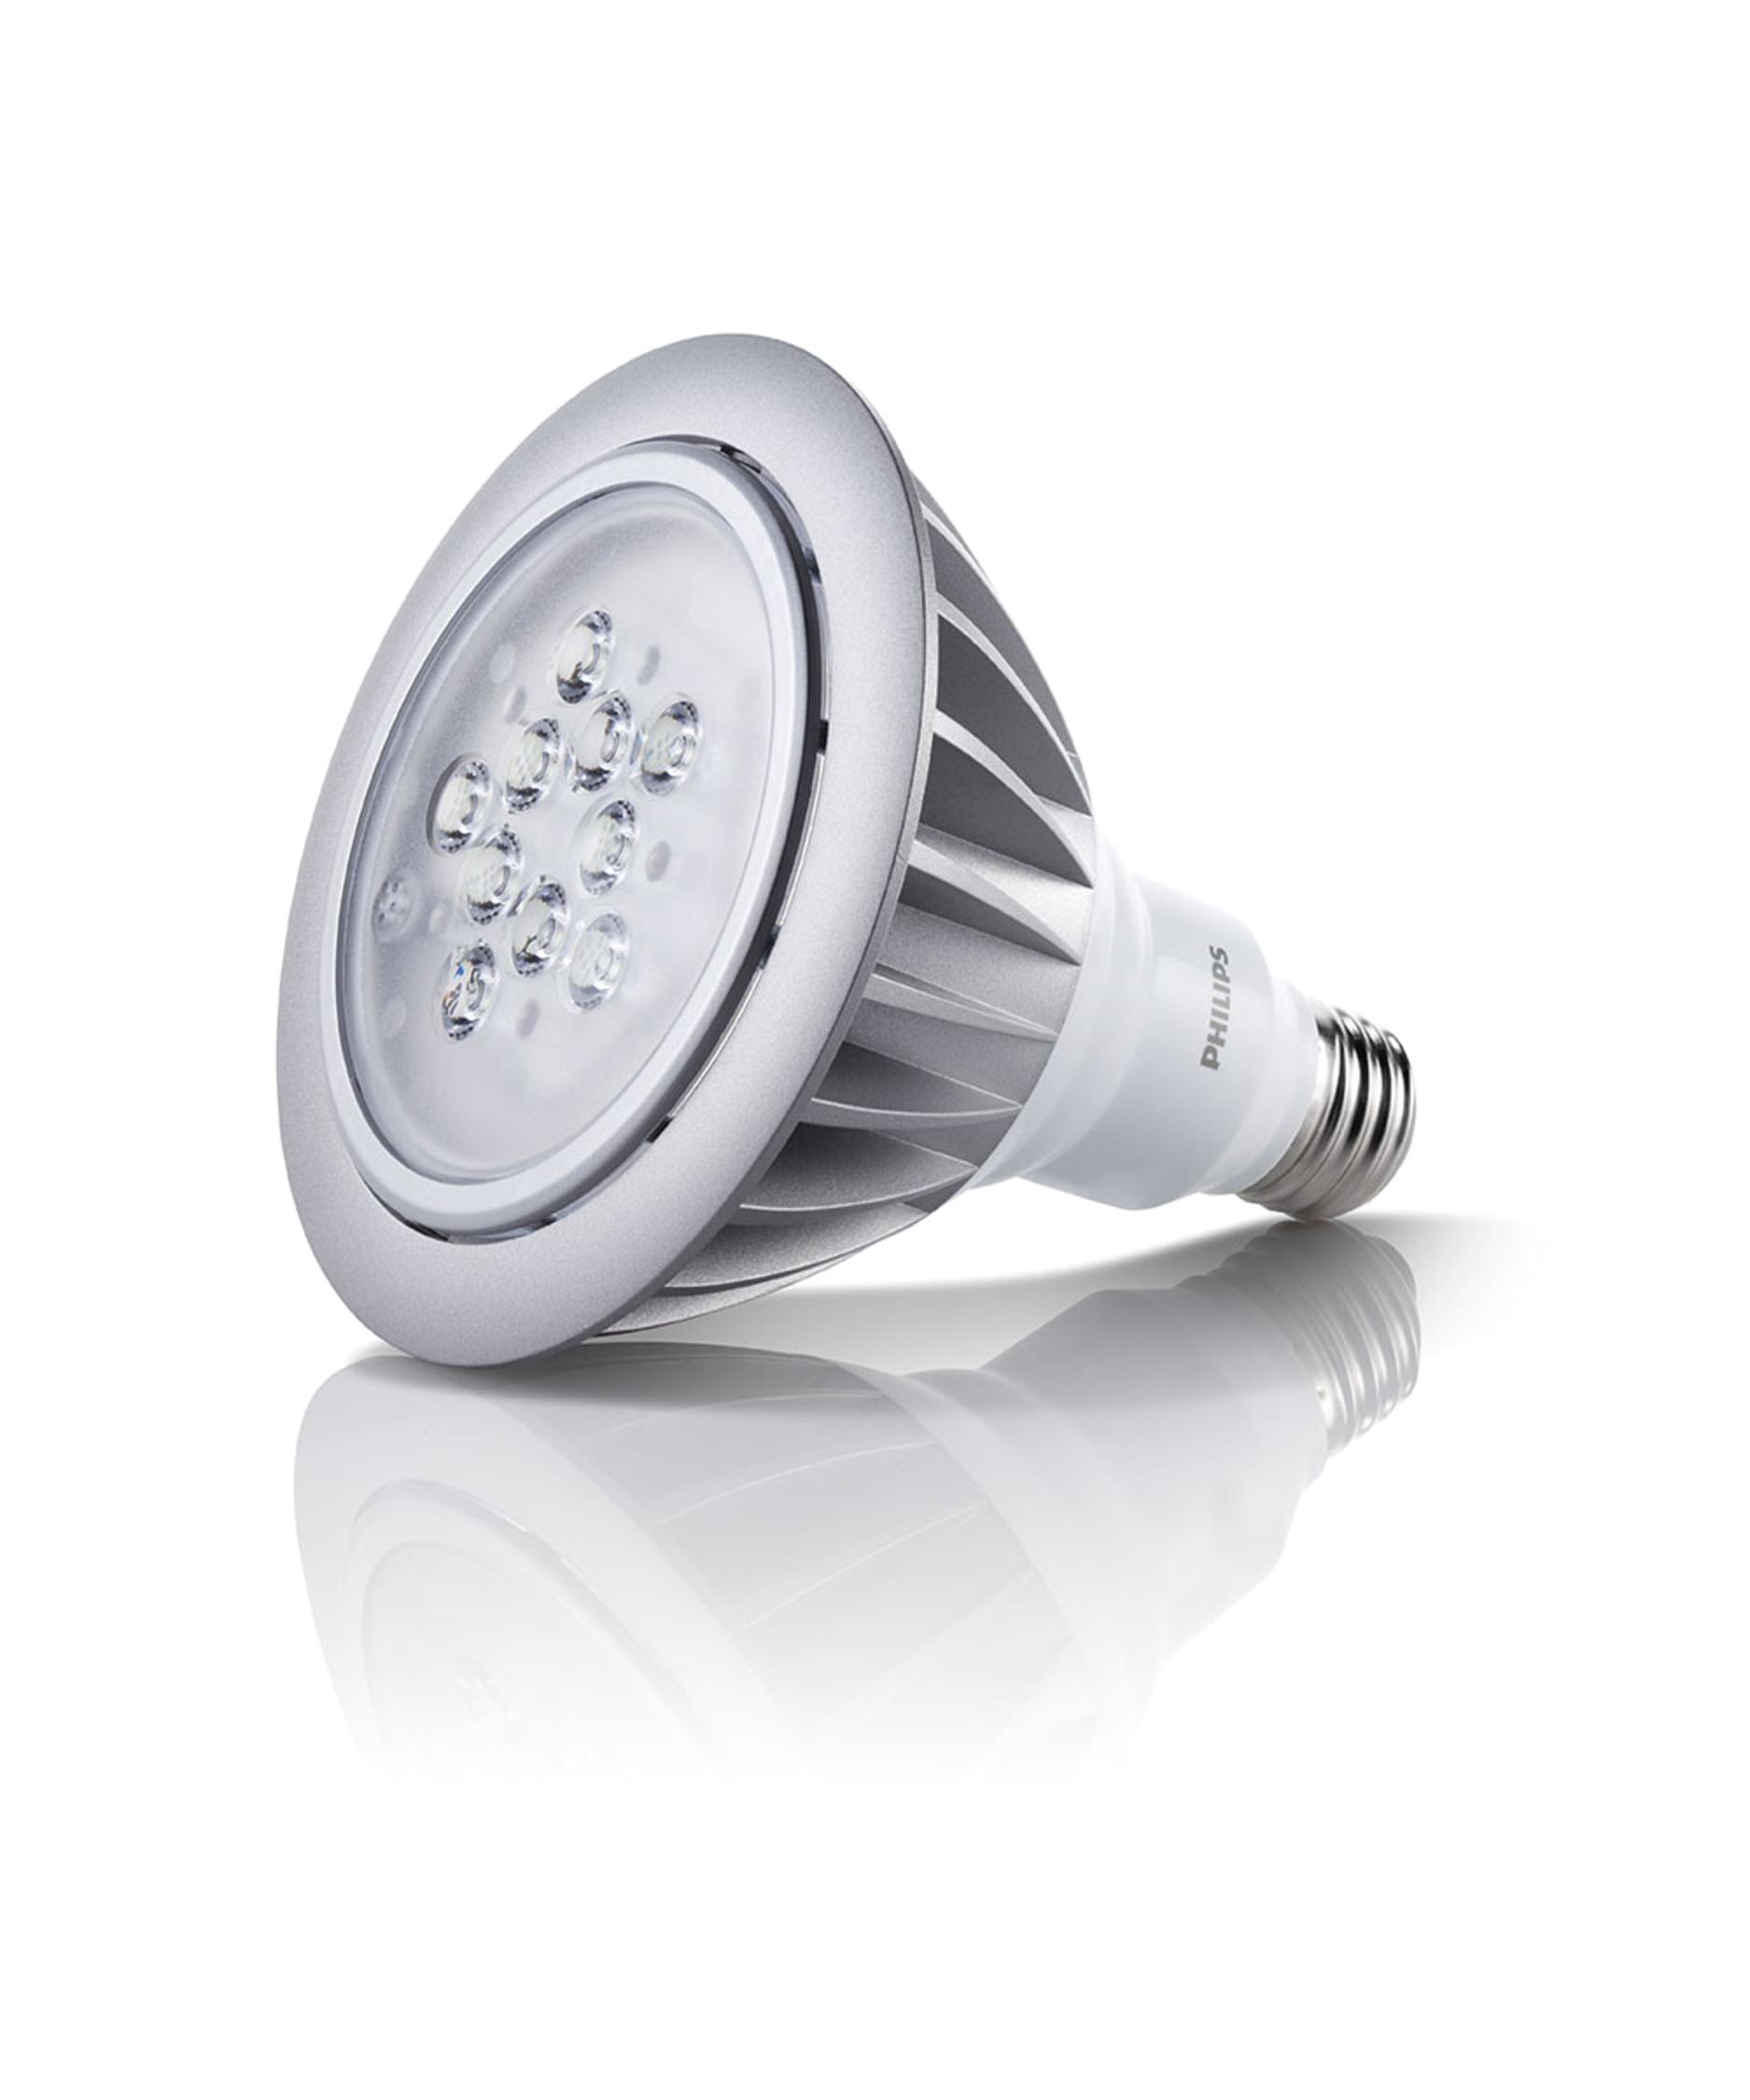 philips 46677 422196 par38 16w 4200k led light bulb